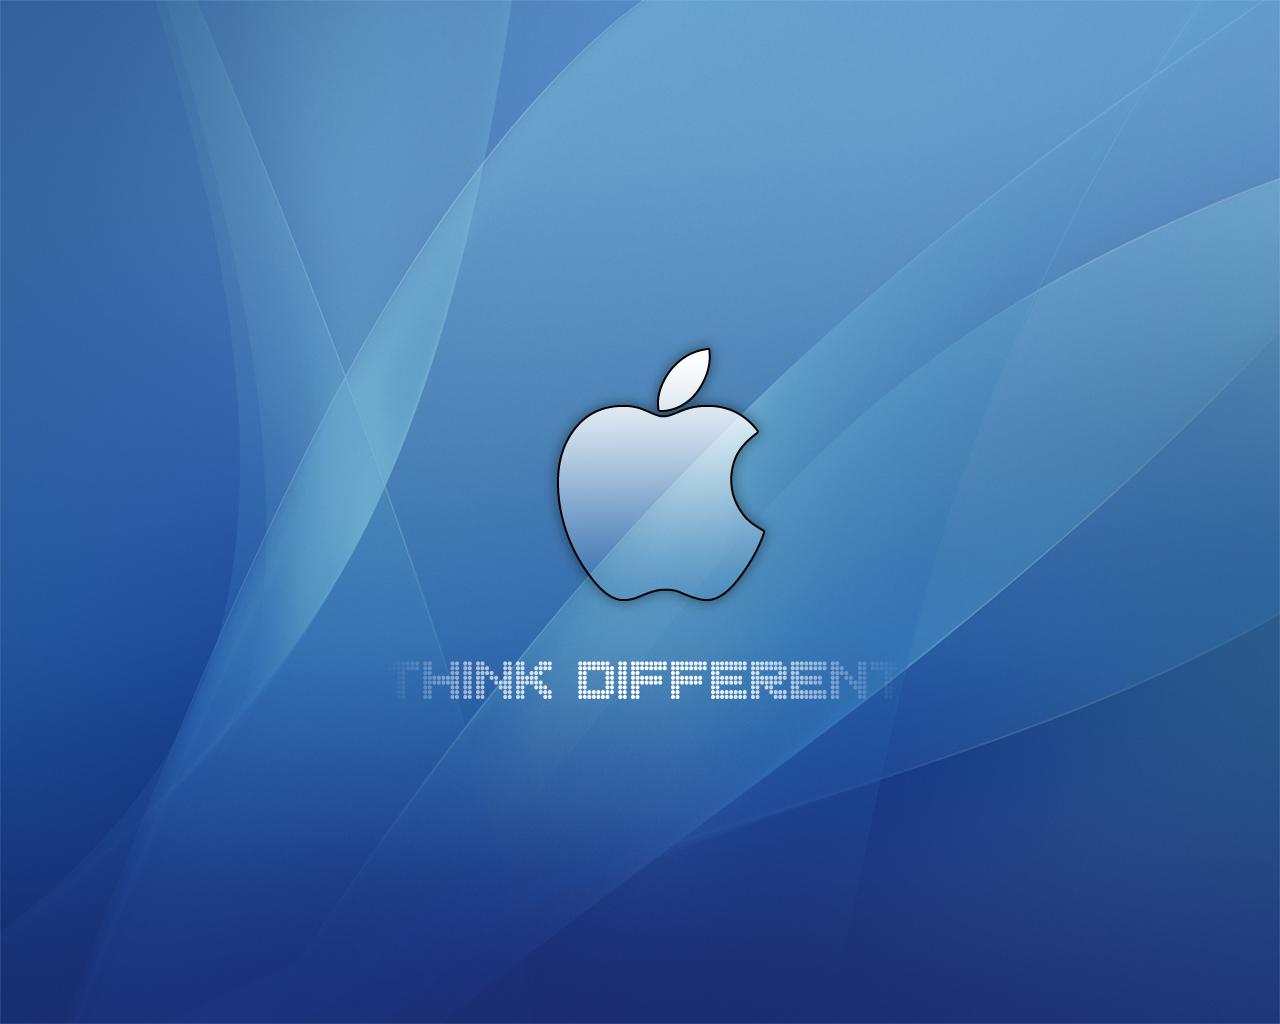 苹果笔记本桌面_苹果桌面壁纸可爱 黑马素材网